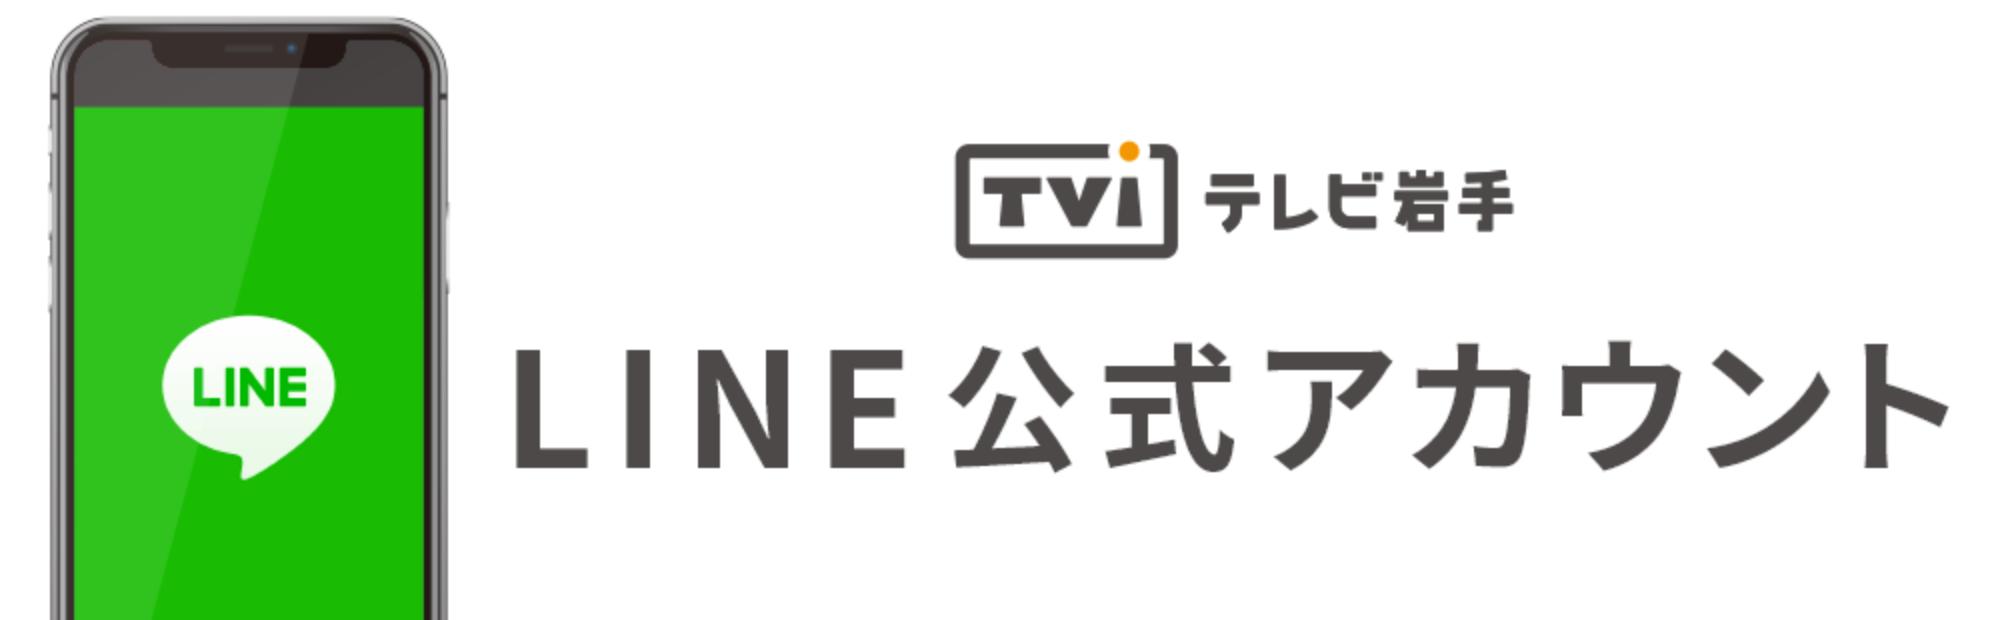 テレビ岩手 LINE公式アカウント